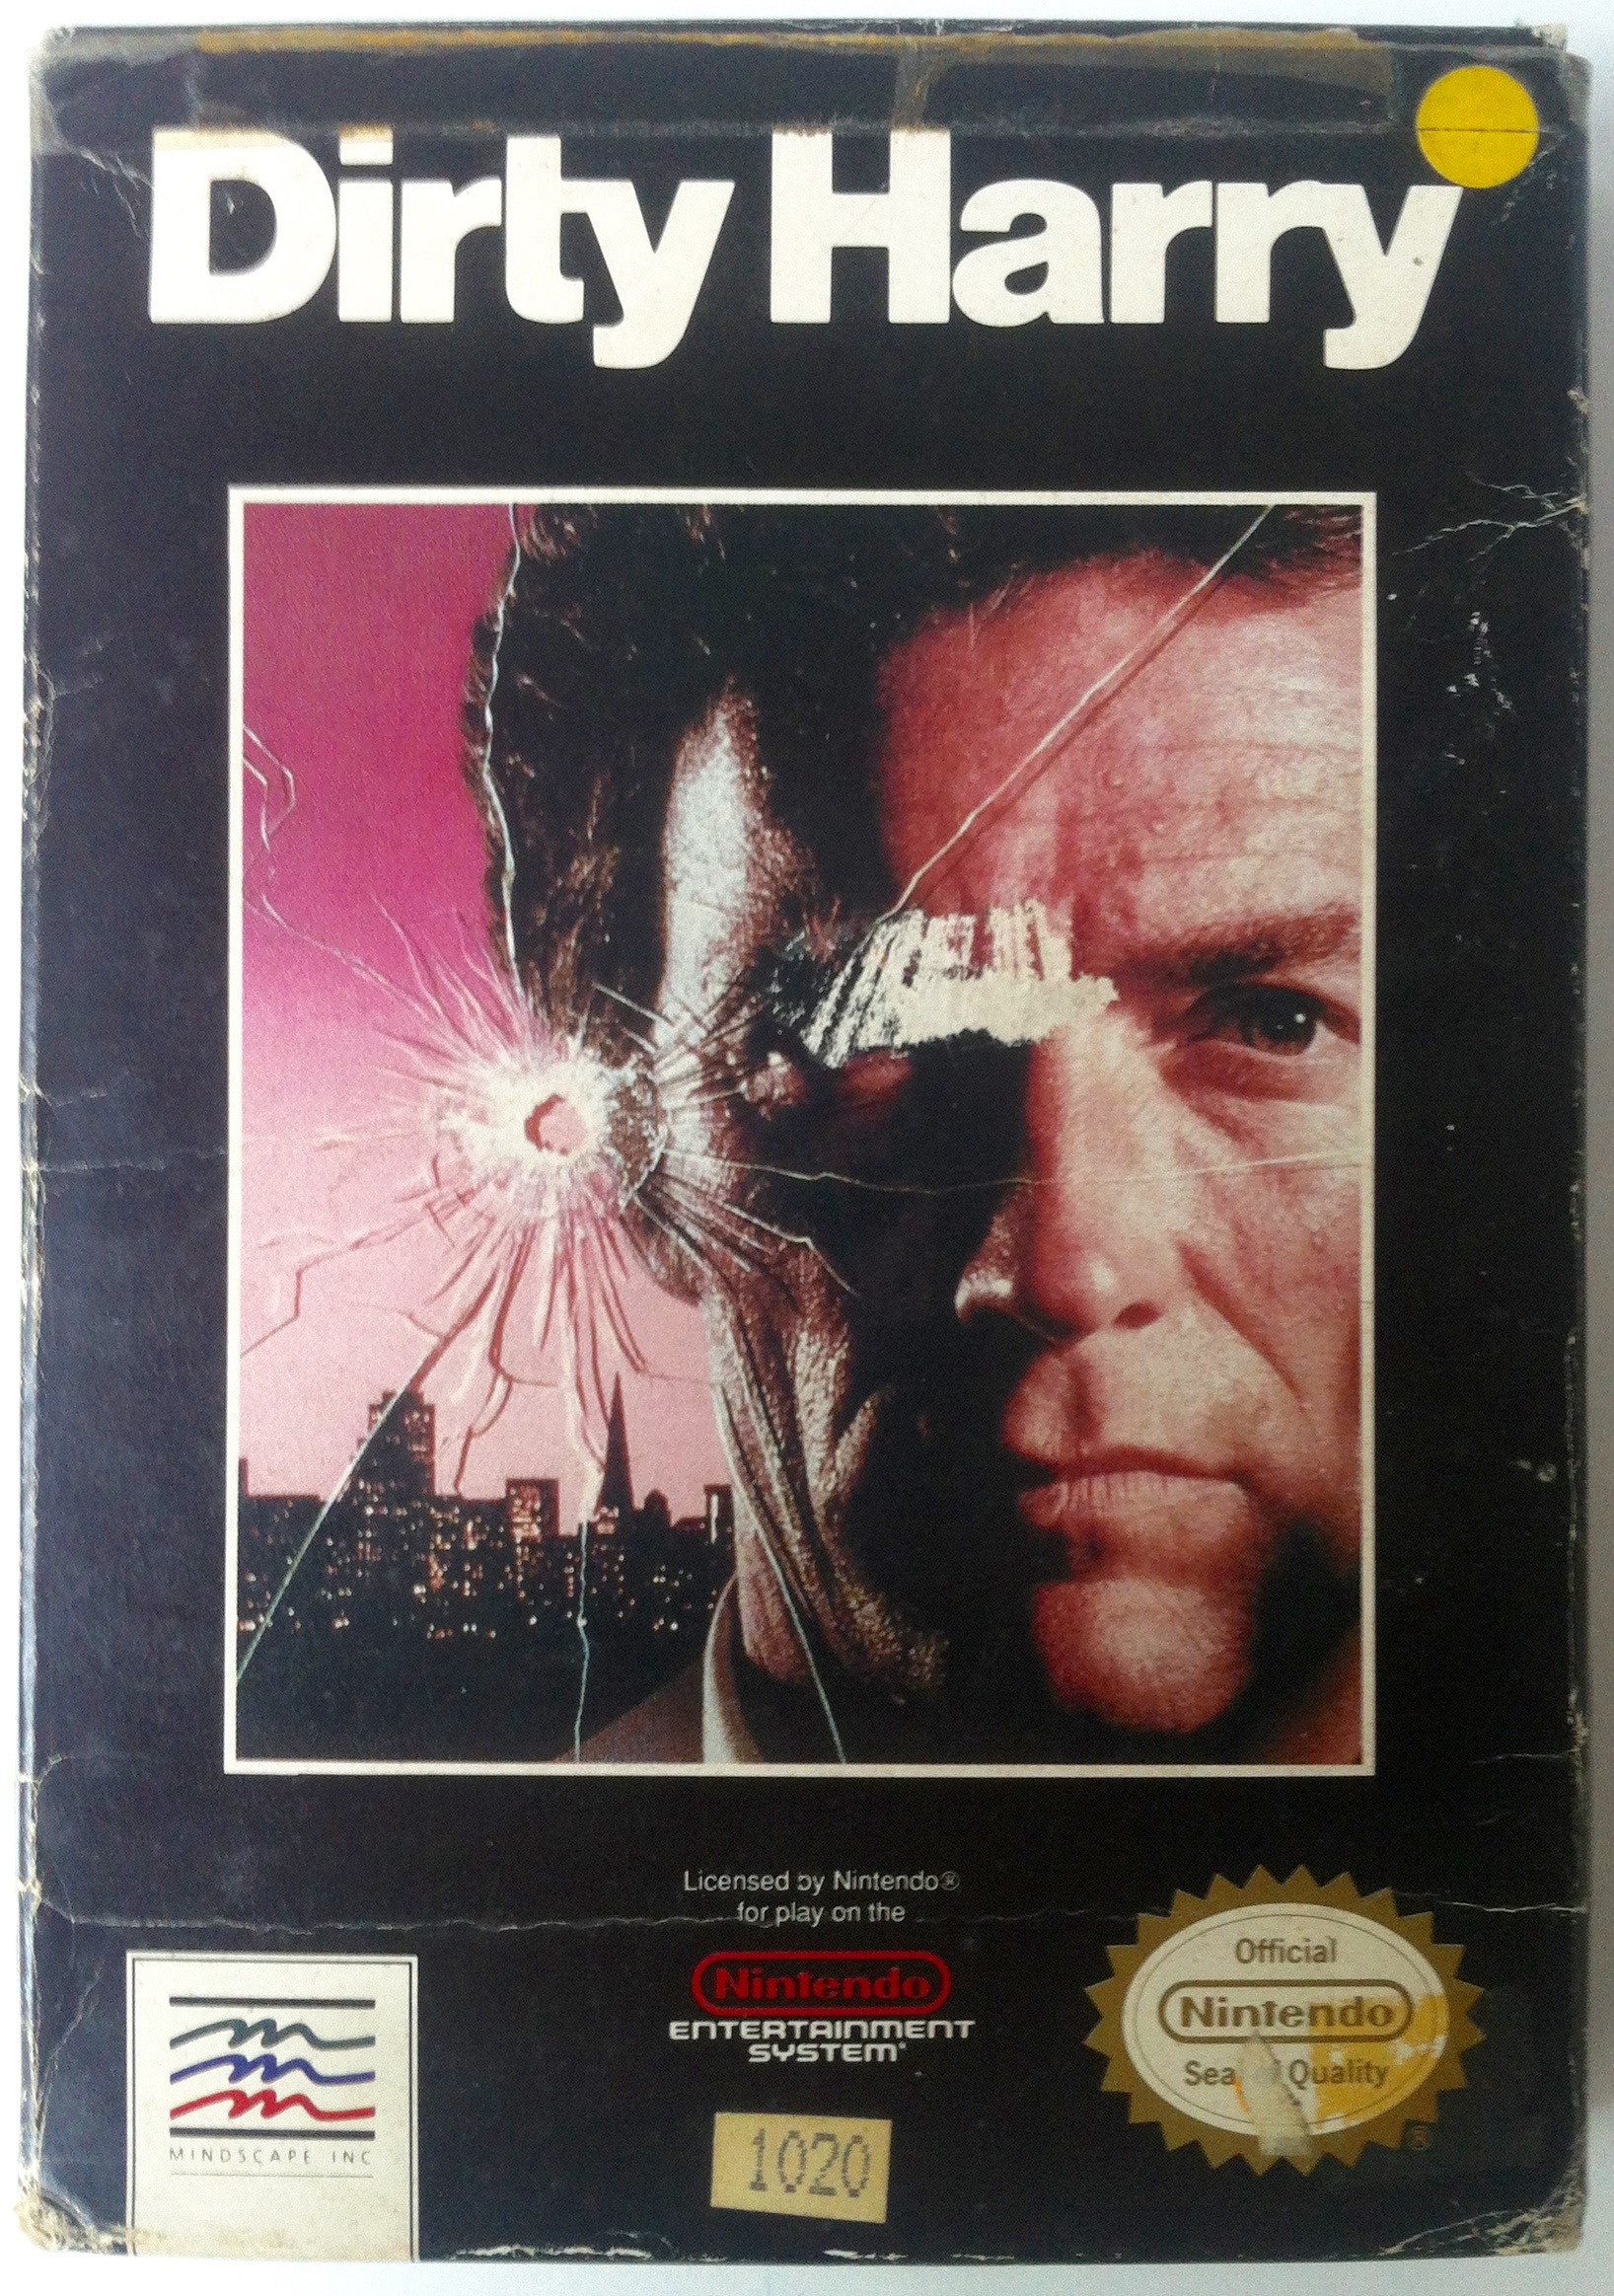 Caja de Dirty Harry para NES